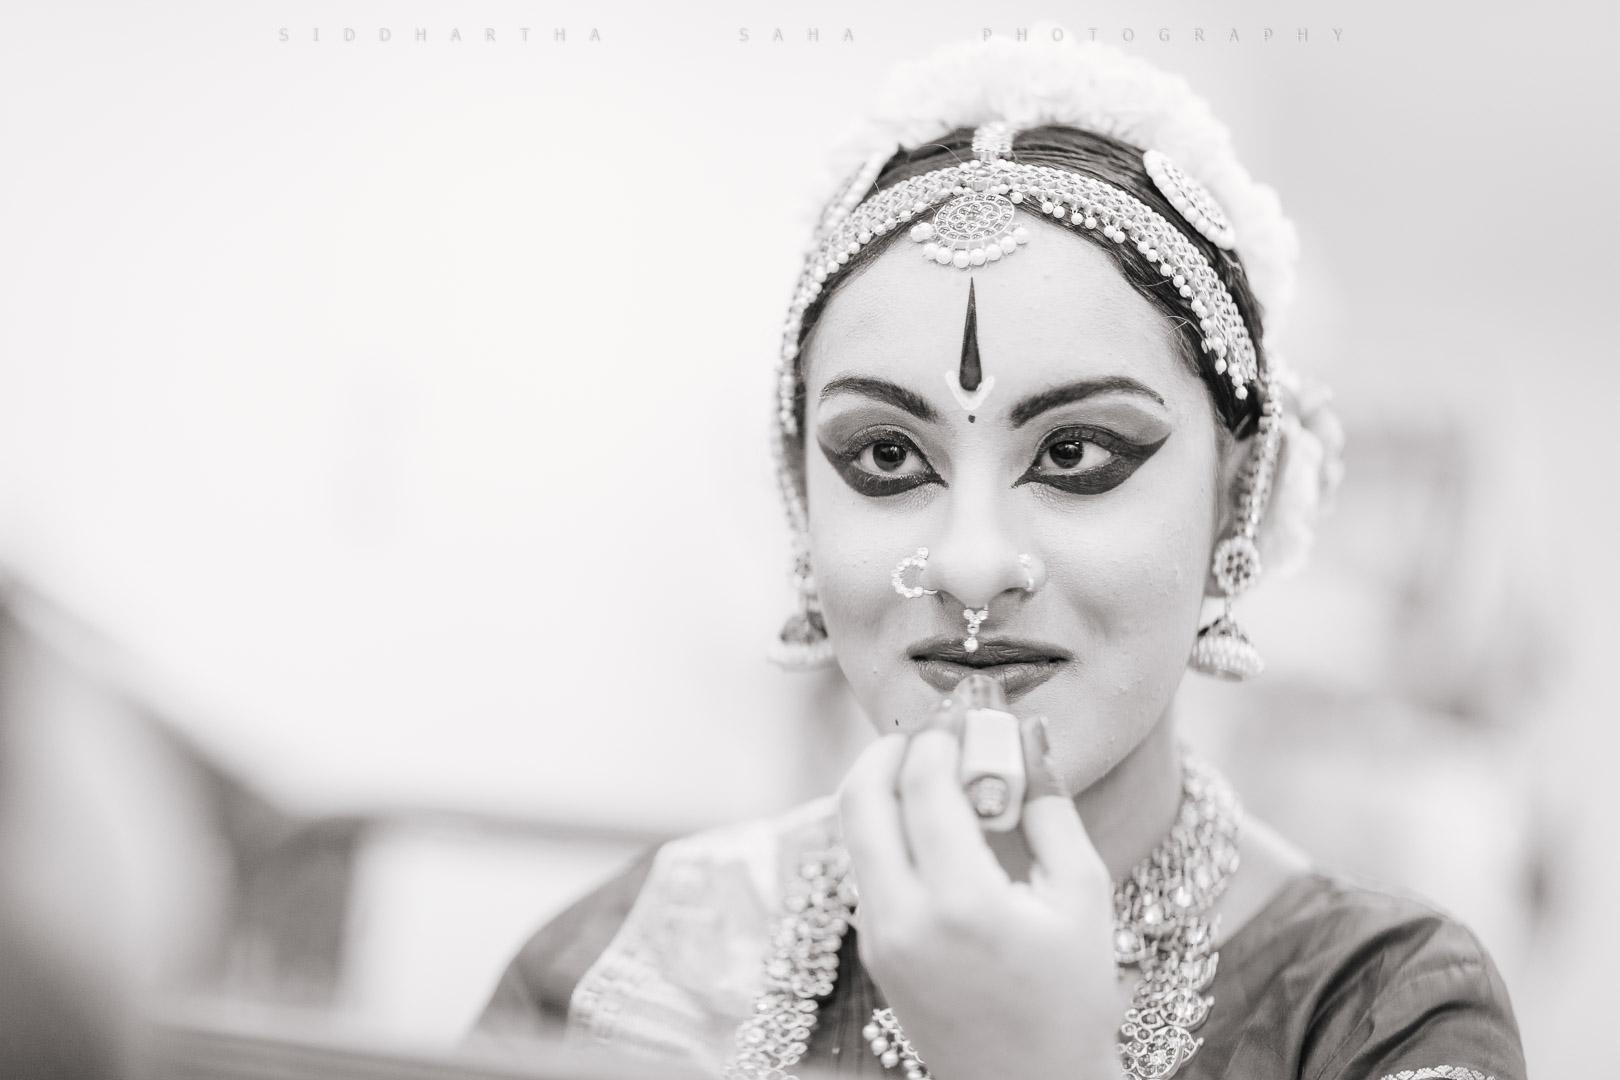 2015-09-05 - Mirra Chinta Arangetram - _05Y2002